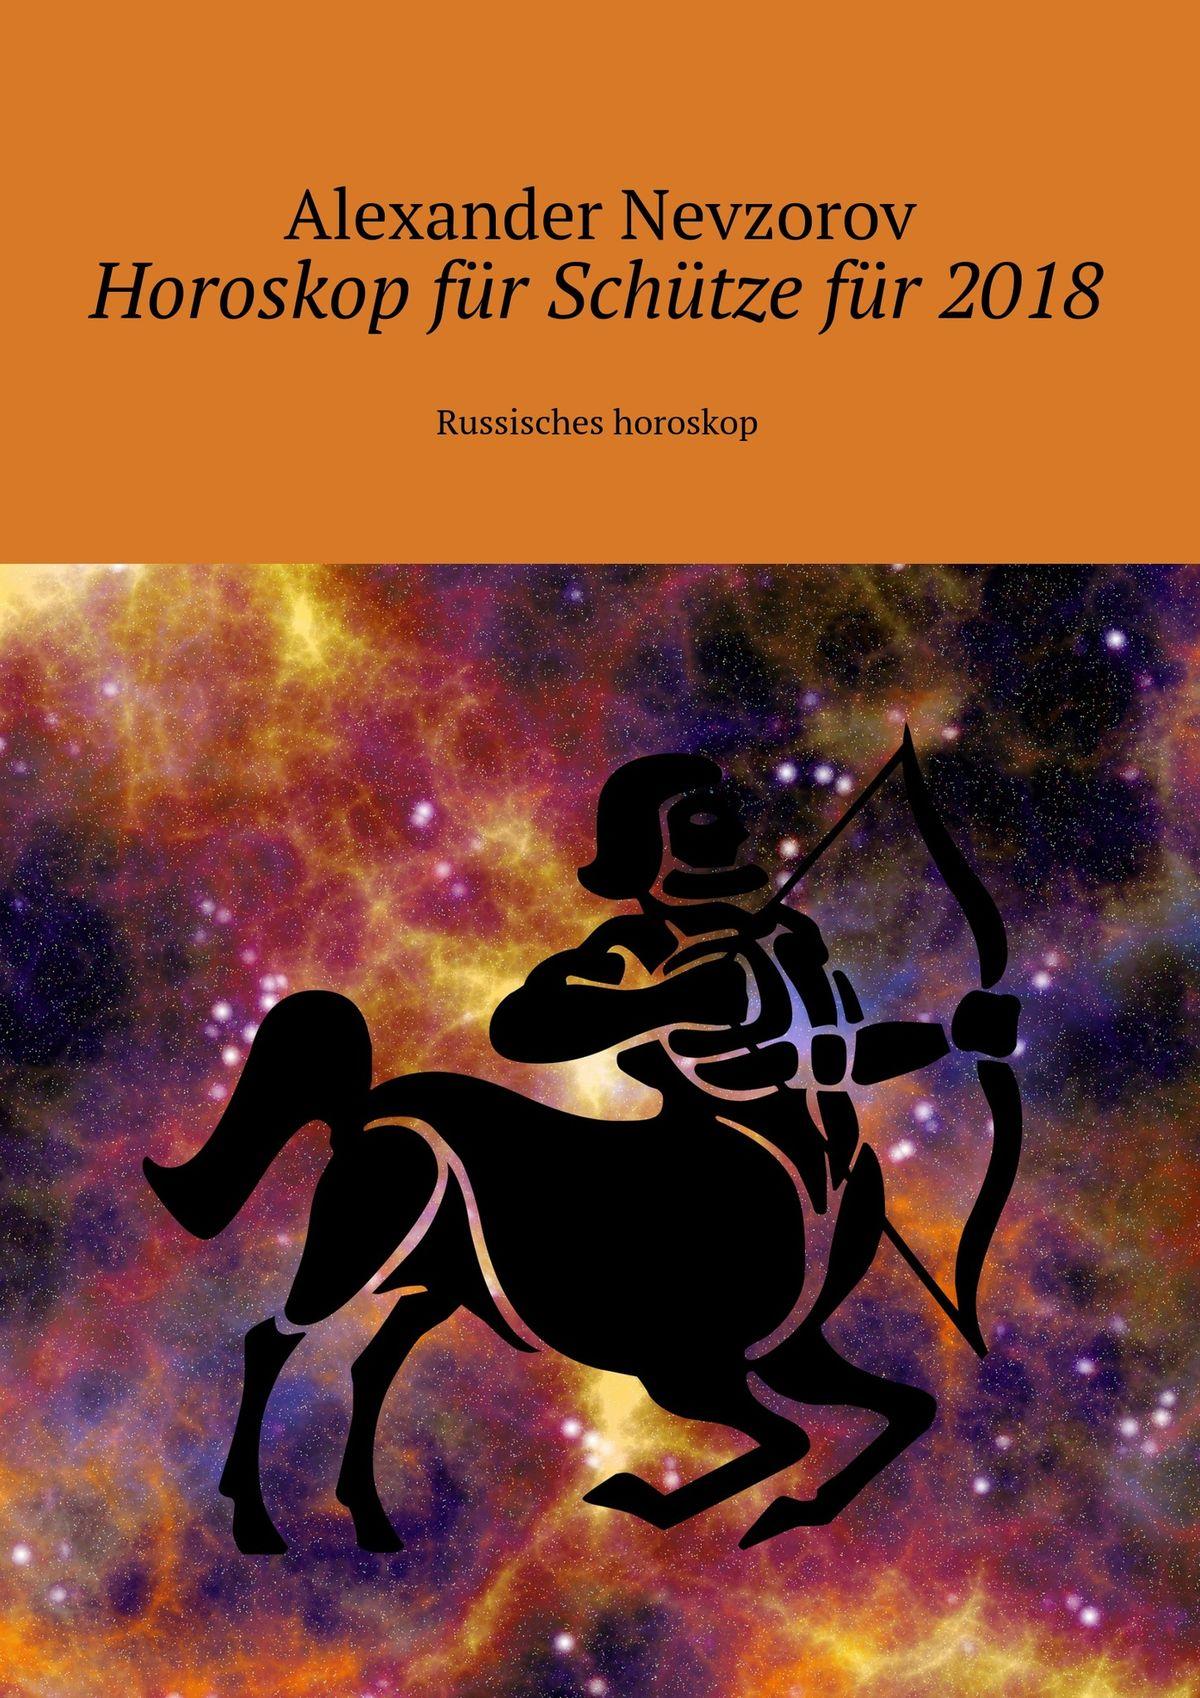 Александр Невзоров Horoskop für Schützefür 2018. Russisches horoskop martin pohl physik für alle